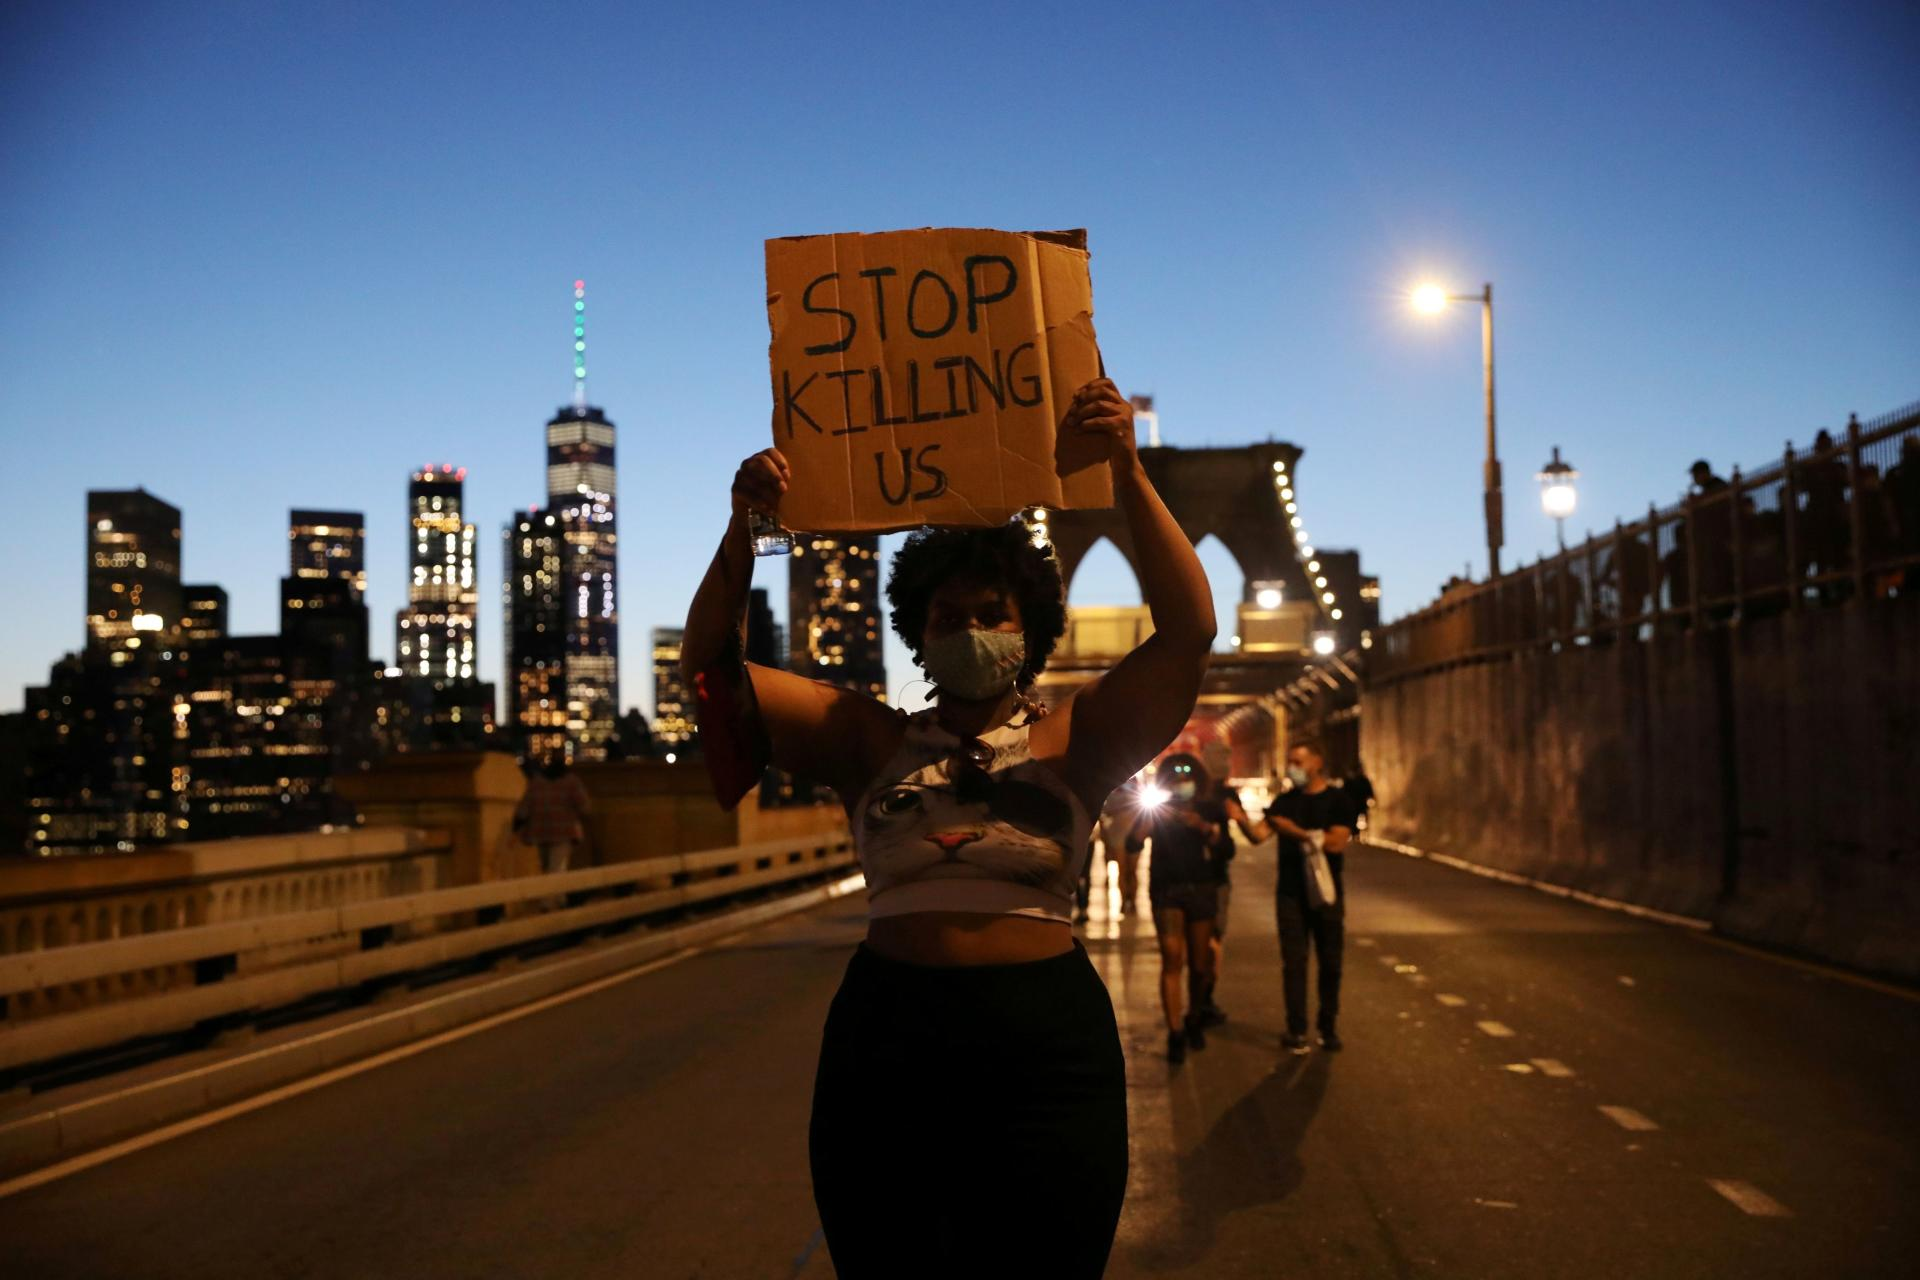 Des manifestants se sont également réunis à New York et ont défilé sur le Brooklyn Bridge, le 31mai 2020.